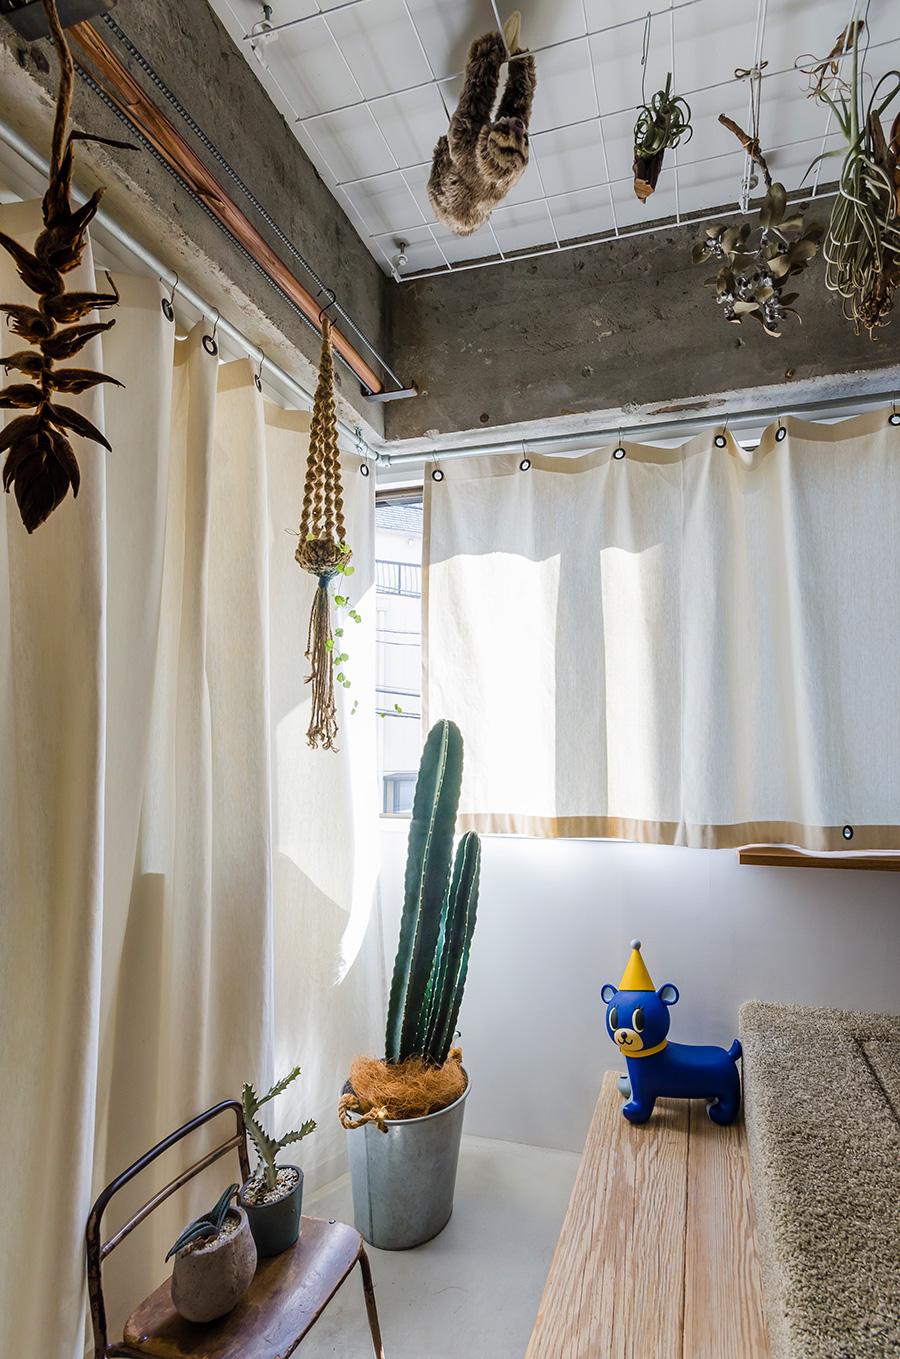 天井にドライフラワーやエアプランツを吊るすための網棚を設置した。